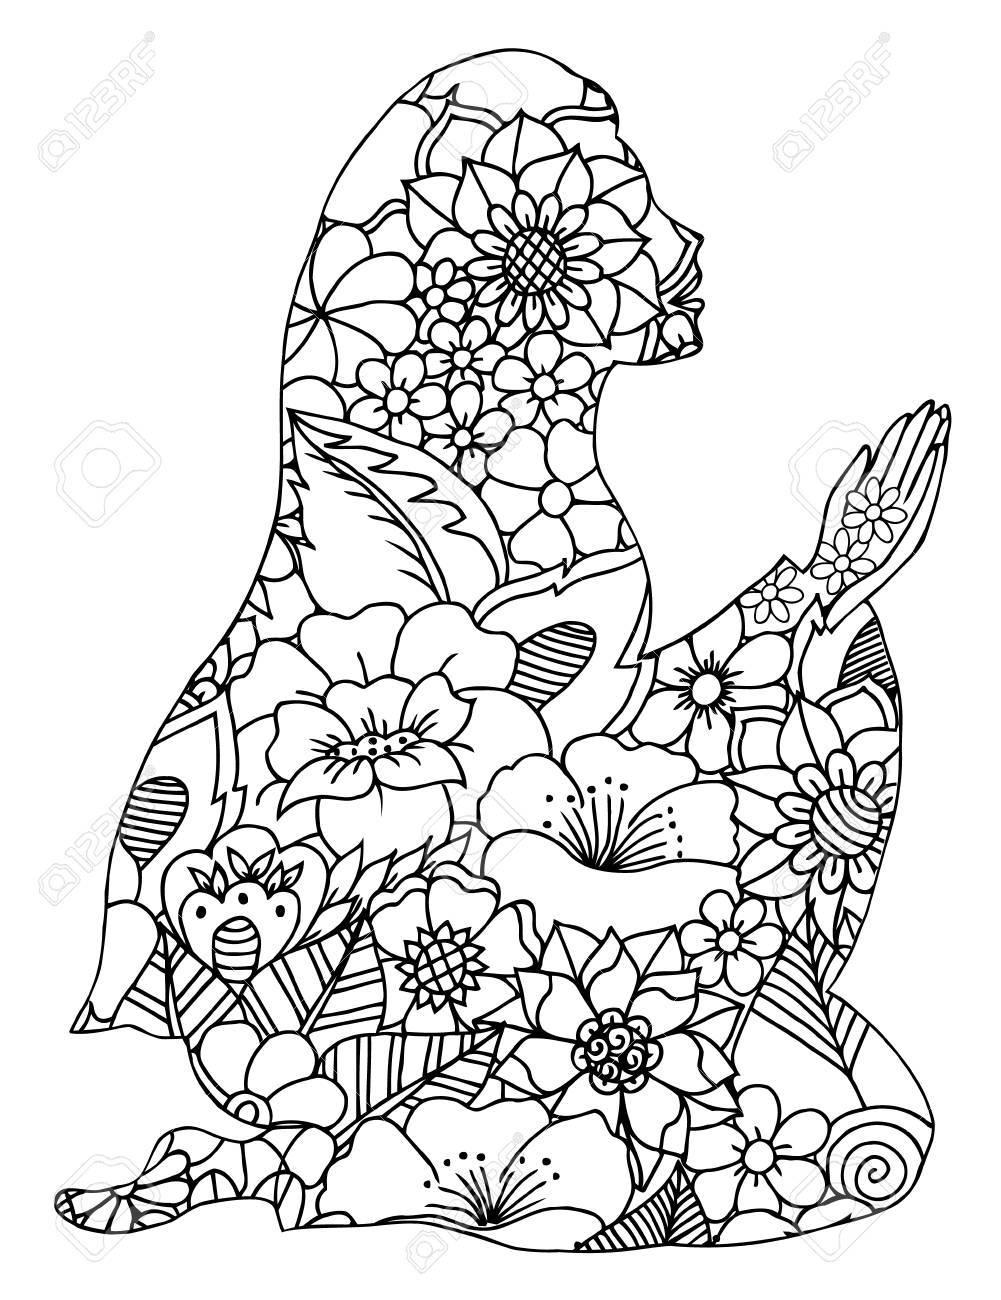 Vector Ilustración Zentangl, Silueta De Una Mujer En El Regazo De